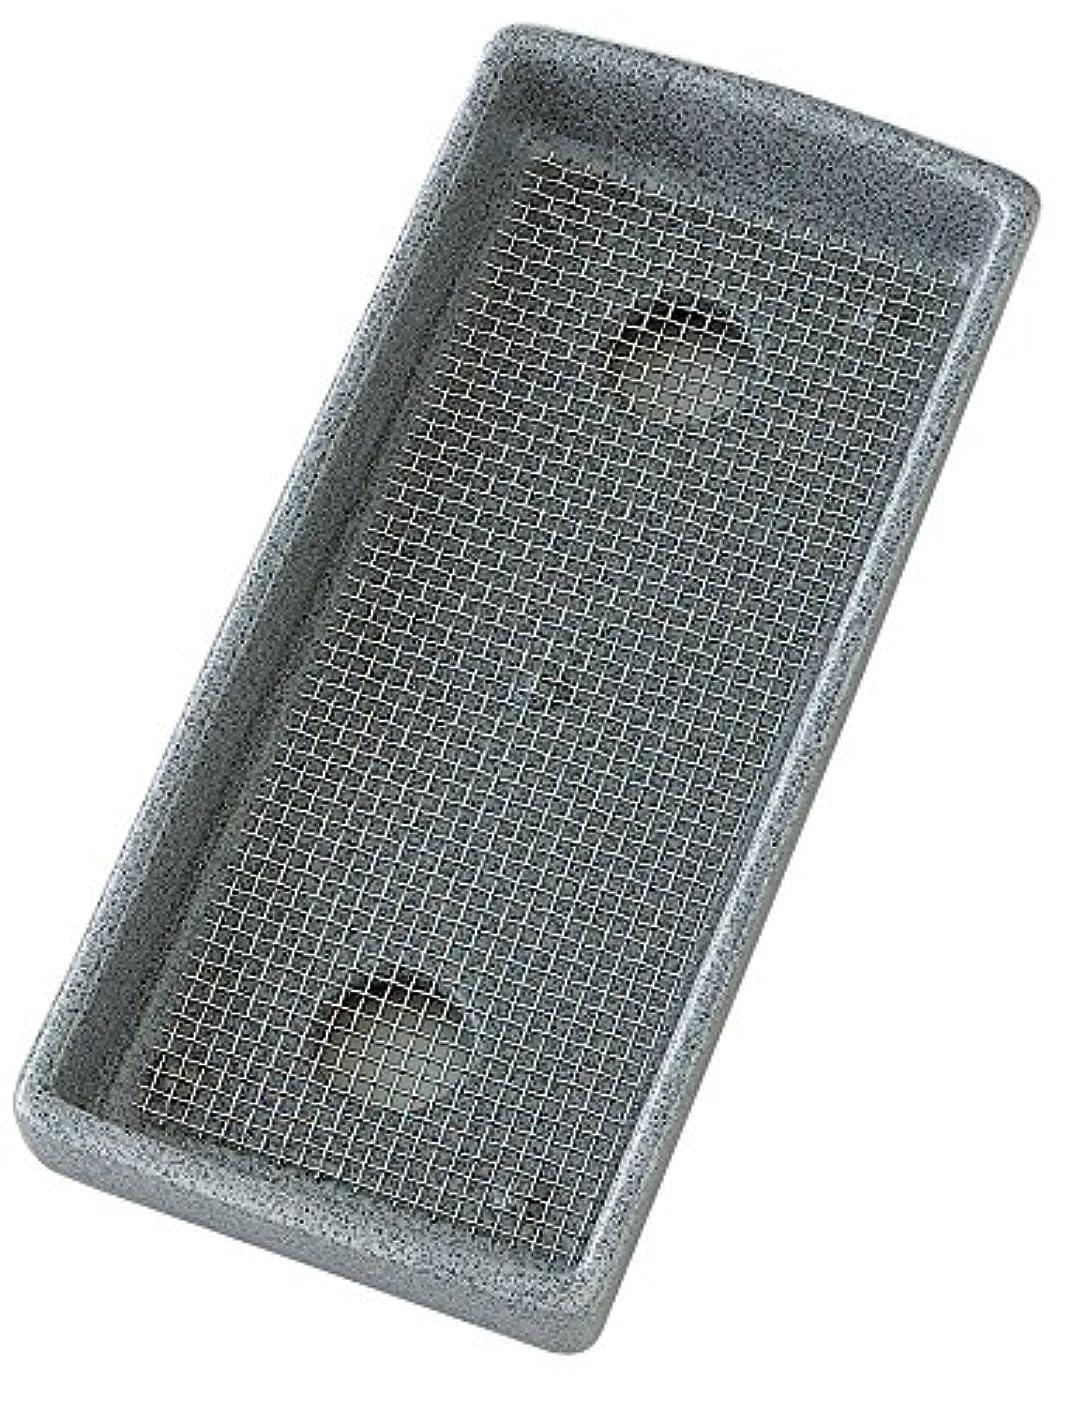 テーマミネラル栄養マルエス 線香皿 磁器製 寝かせ香皿